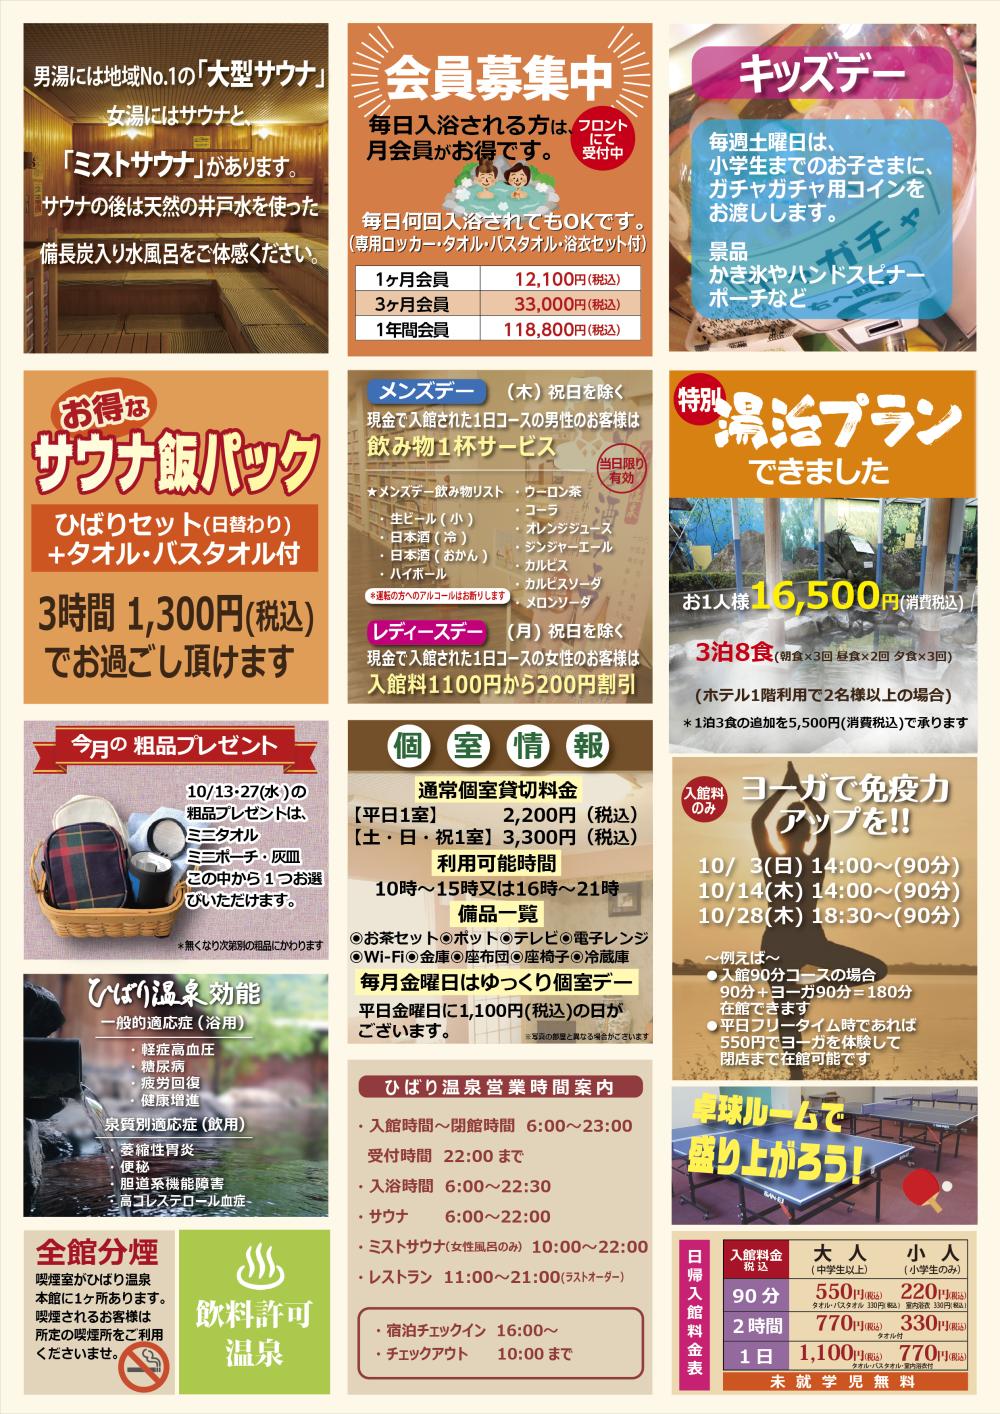 10月のお得情報PickUp!!